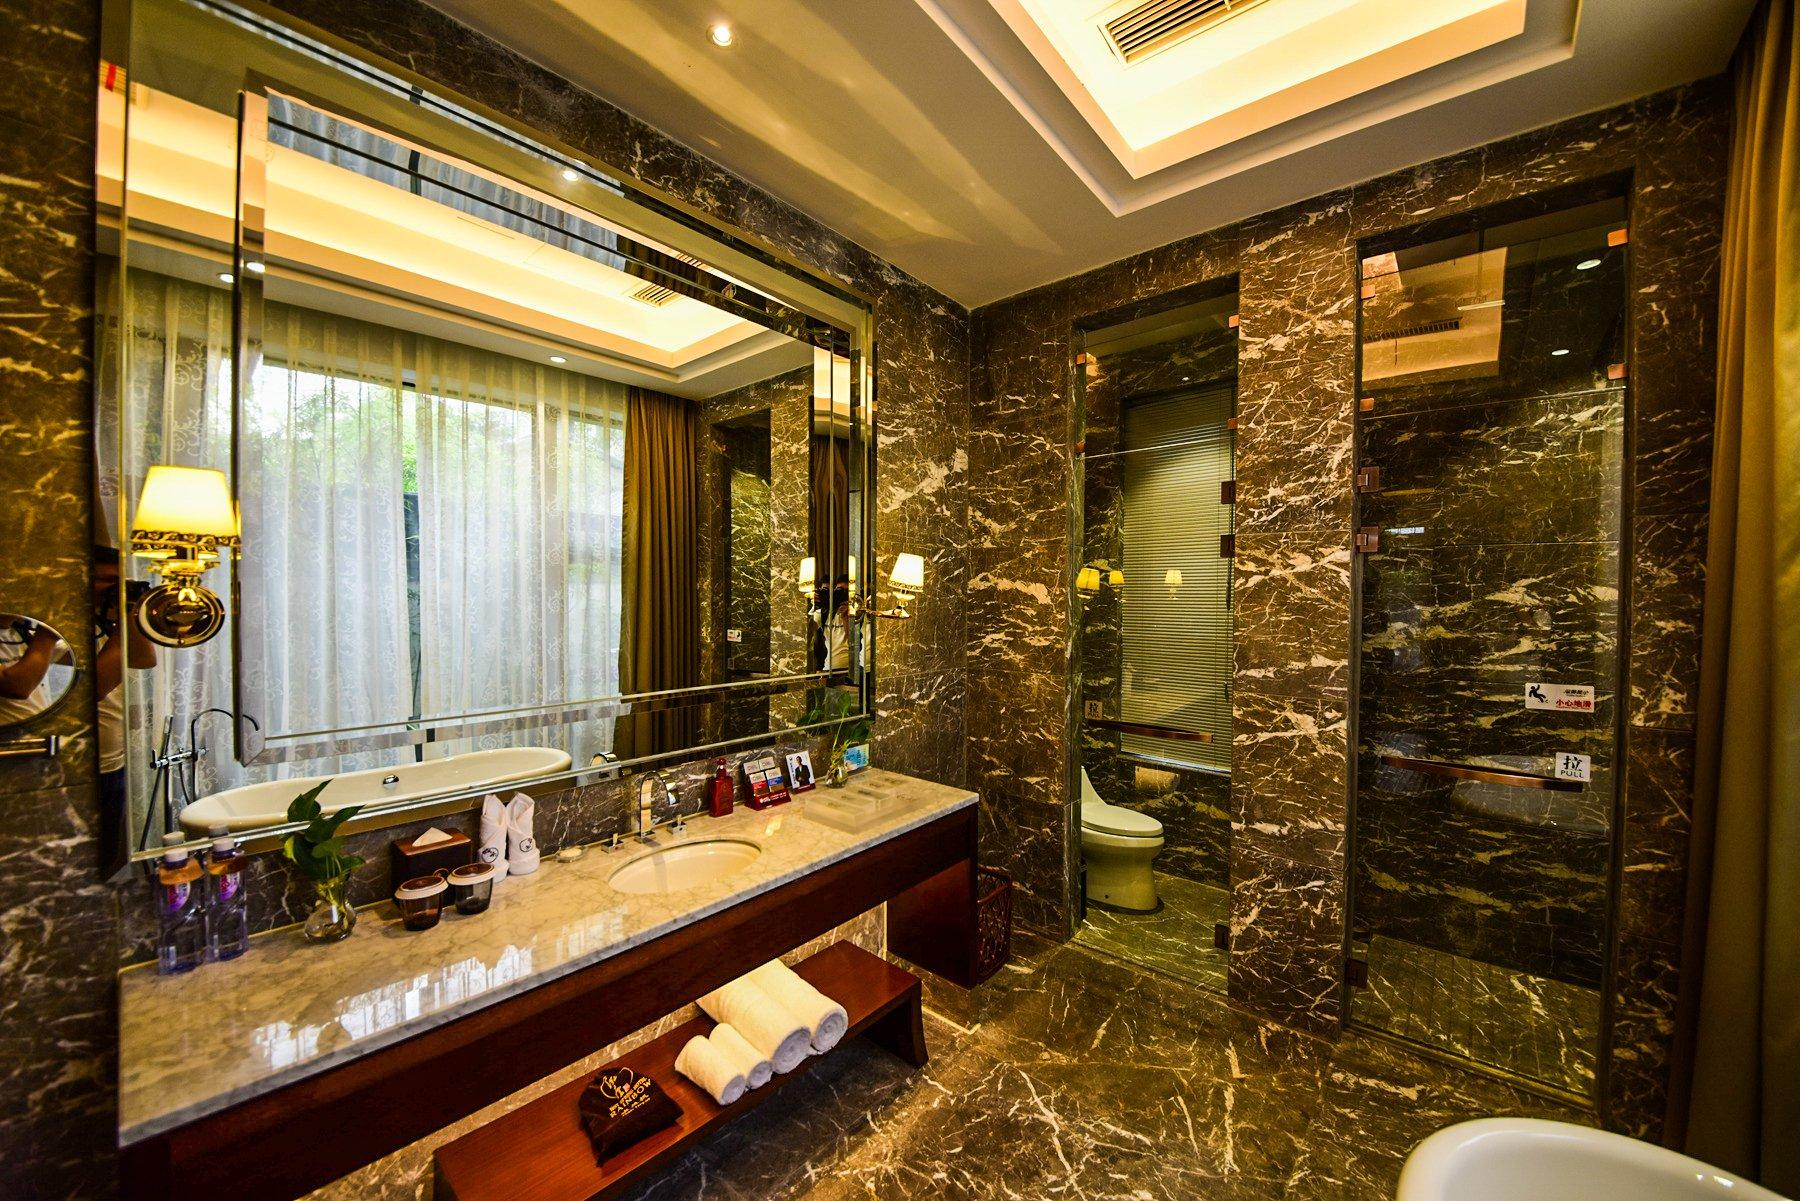 卫生间不仅仅是干净舒服,而且还是干湿分离的呢.